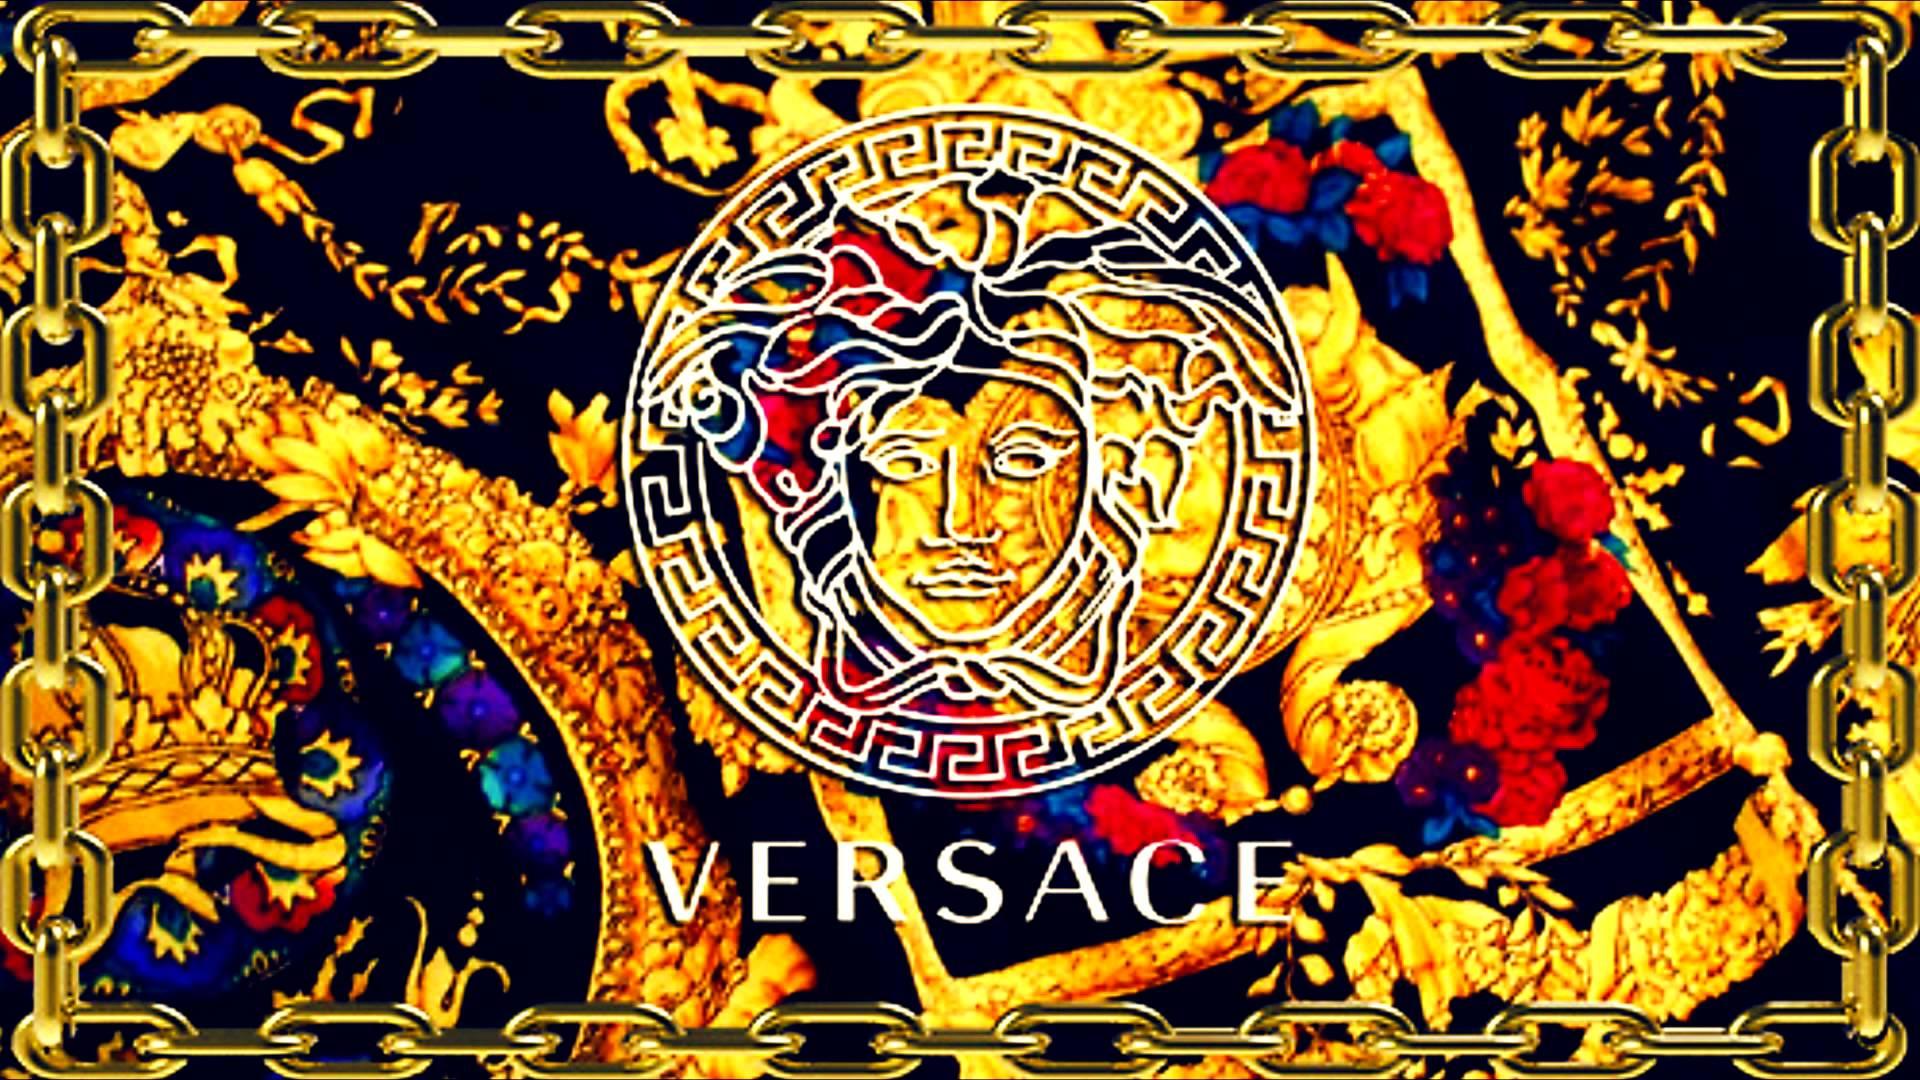 Hipster Fall Desktop Wallpaper Versace Wallpapers Hd Pixelstalk Net